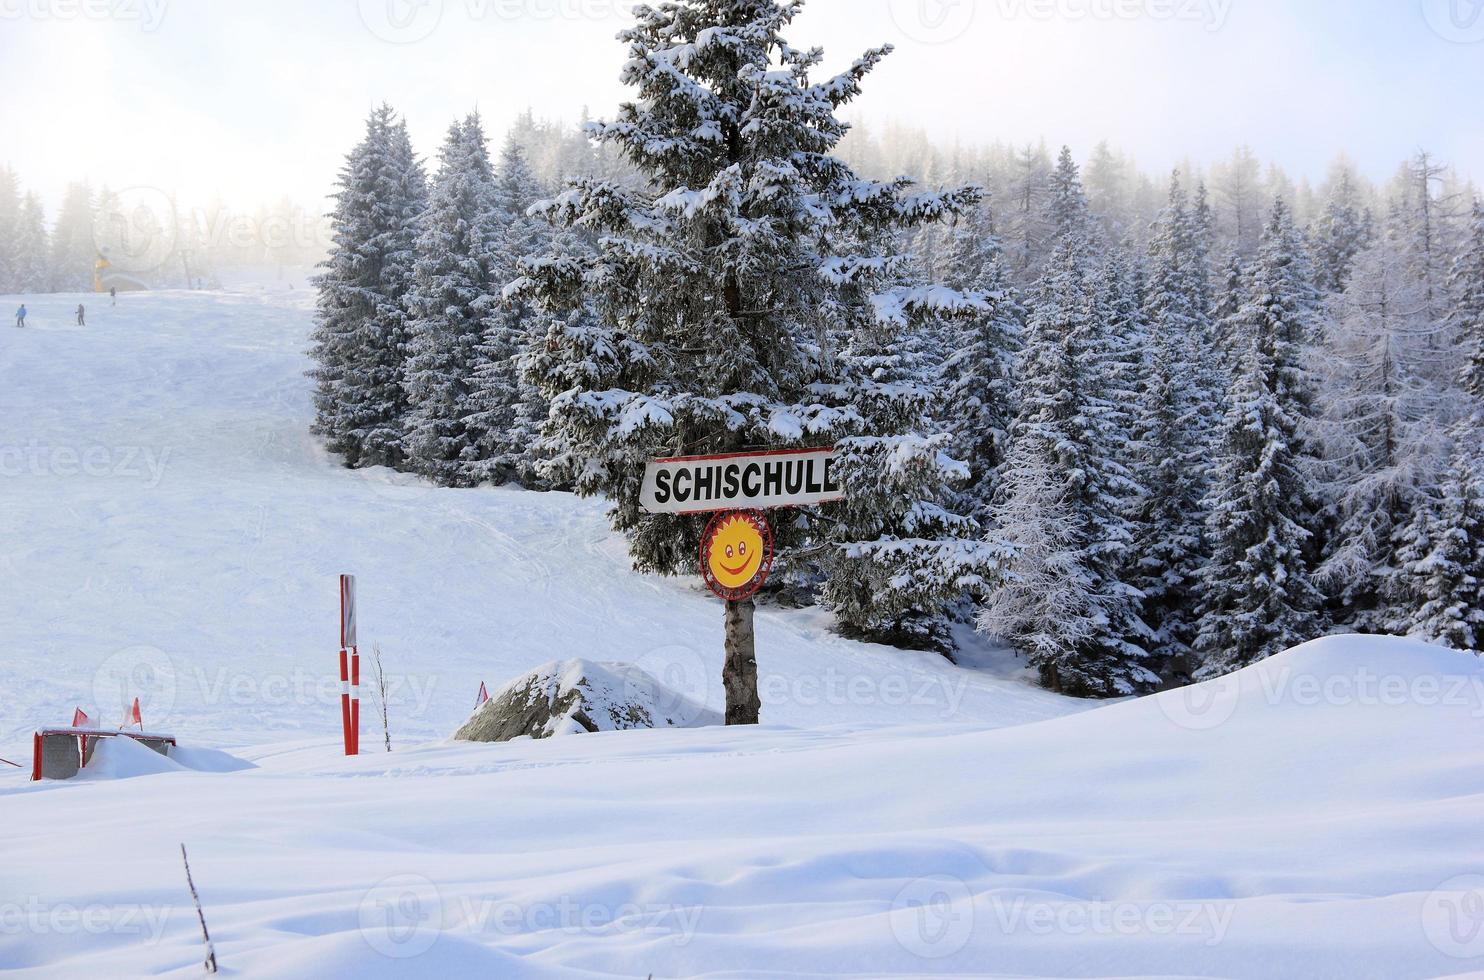 arena de zillertal do recurso de esqui. Gerlos, Áustria. foto